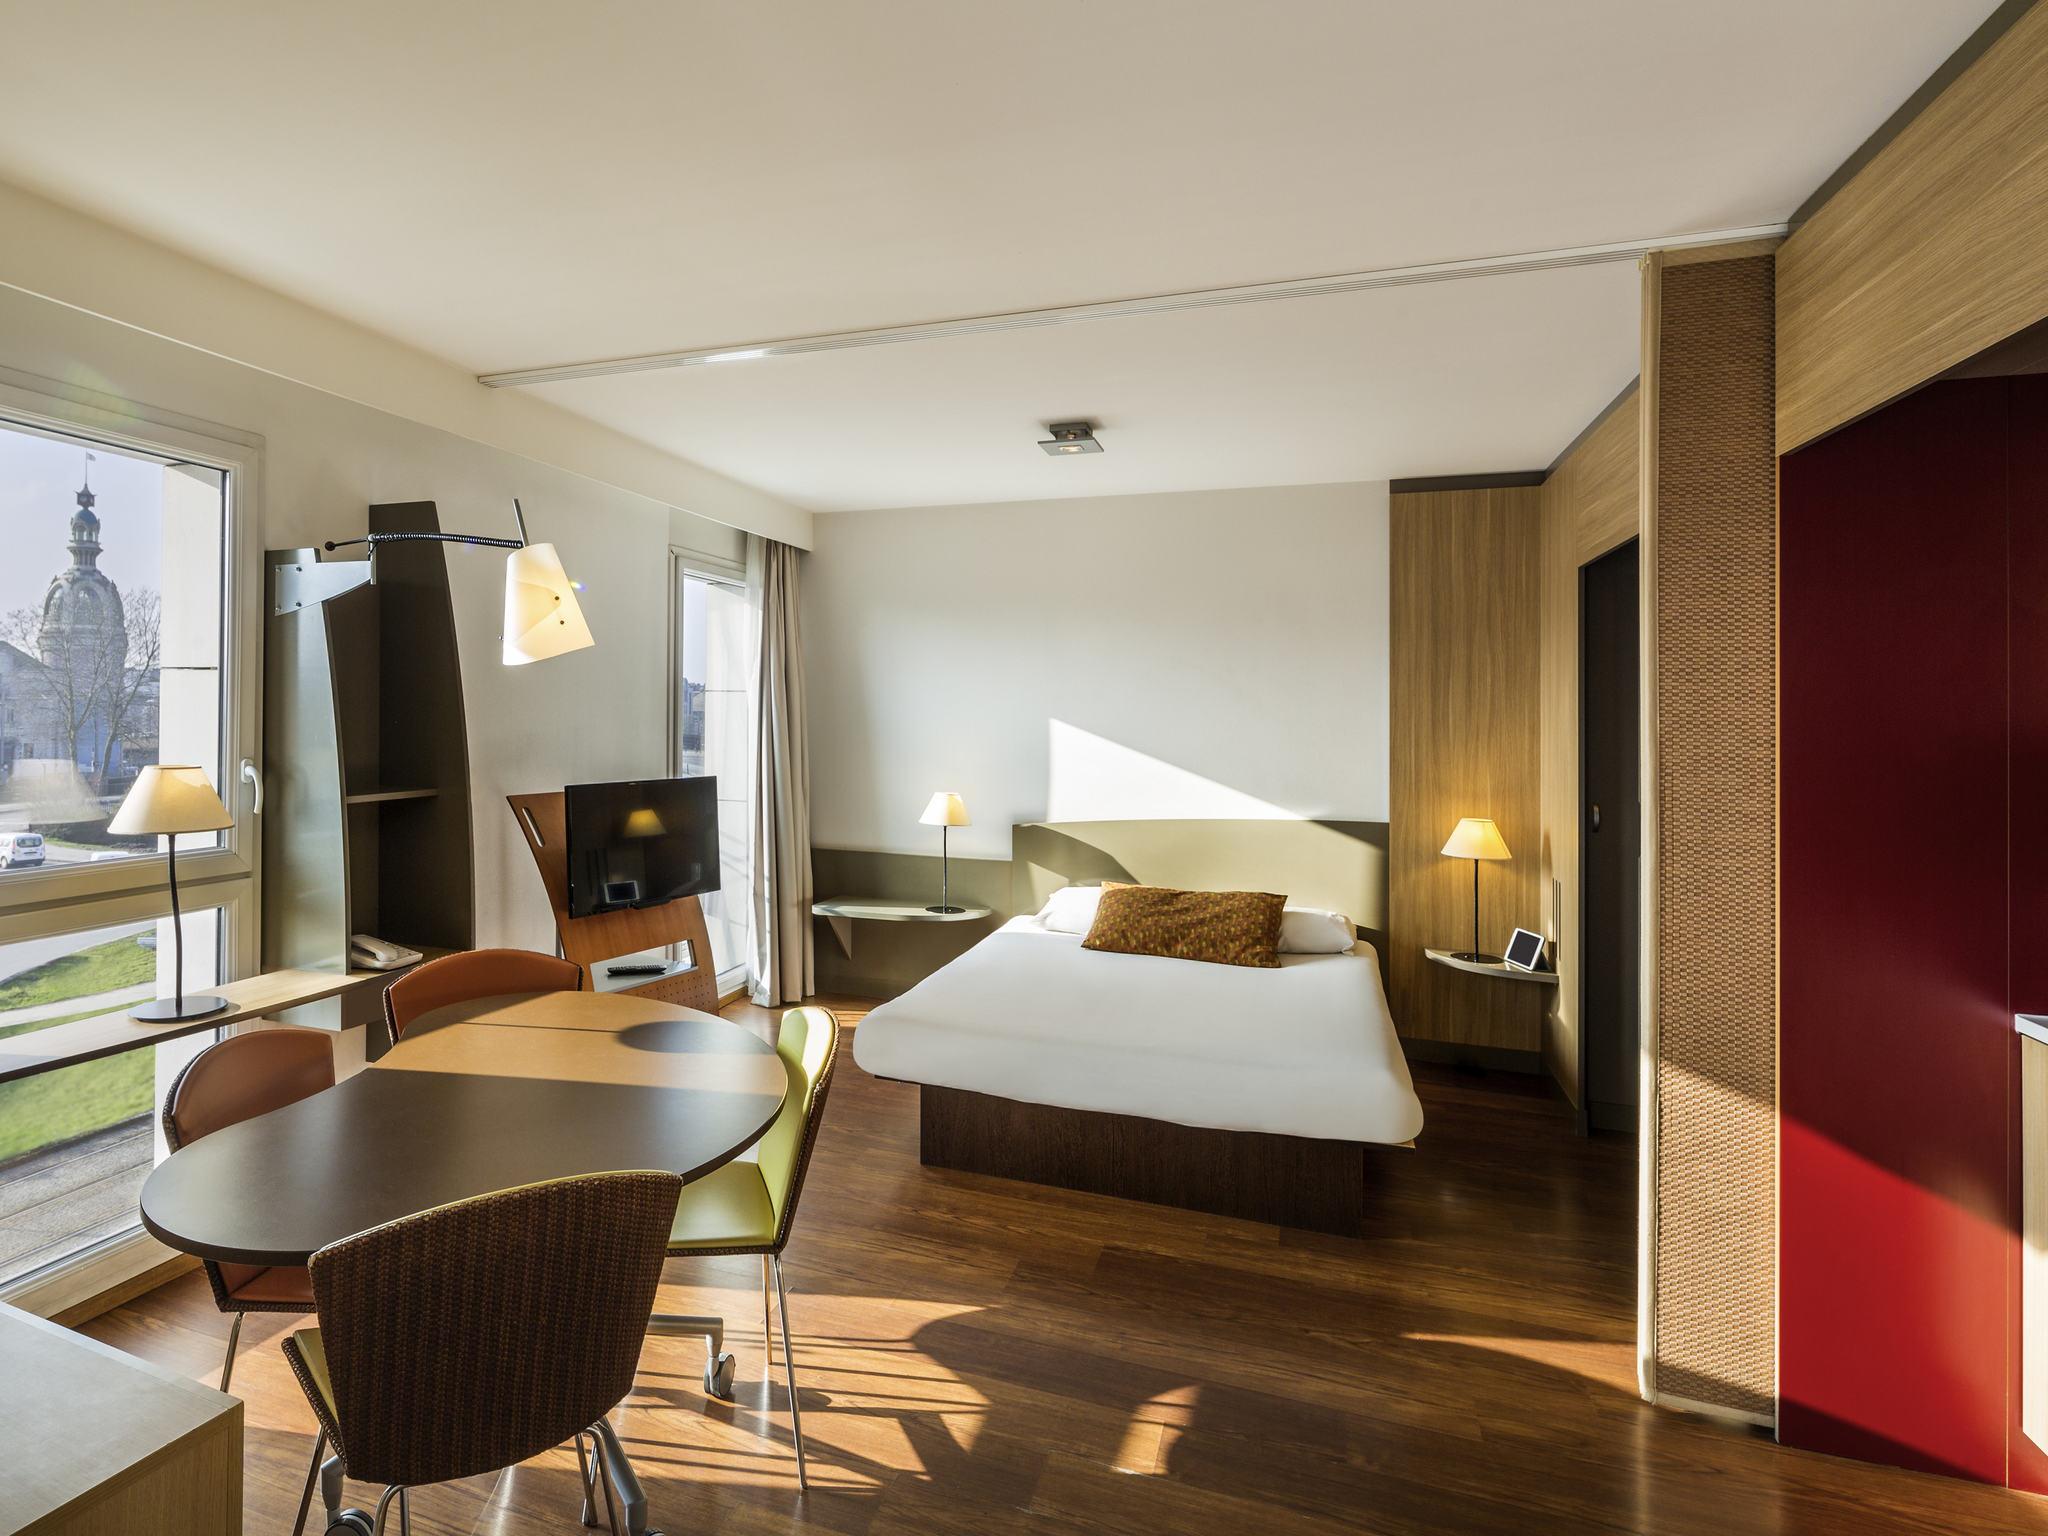 Hôtel - Aparthotel Adagio Nantes Centre